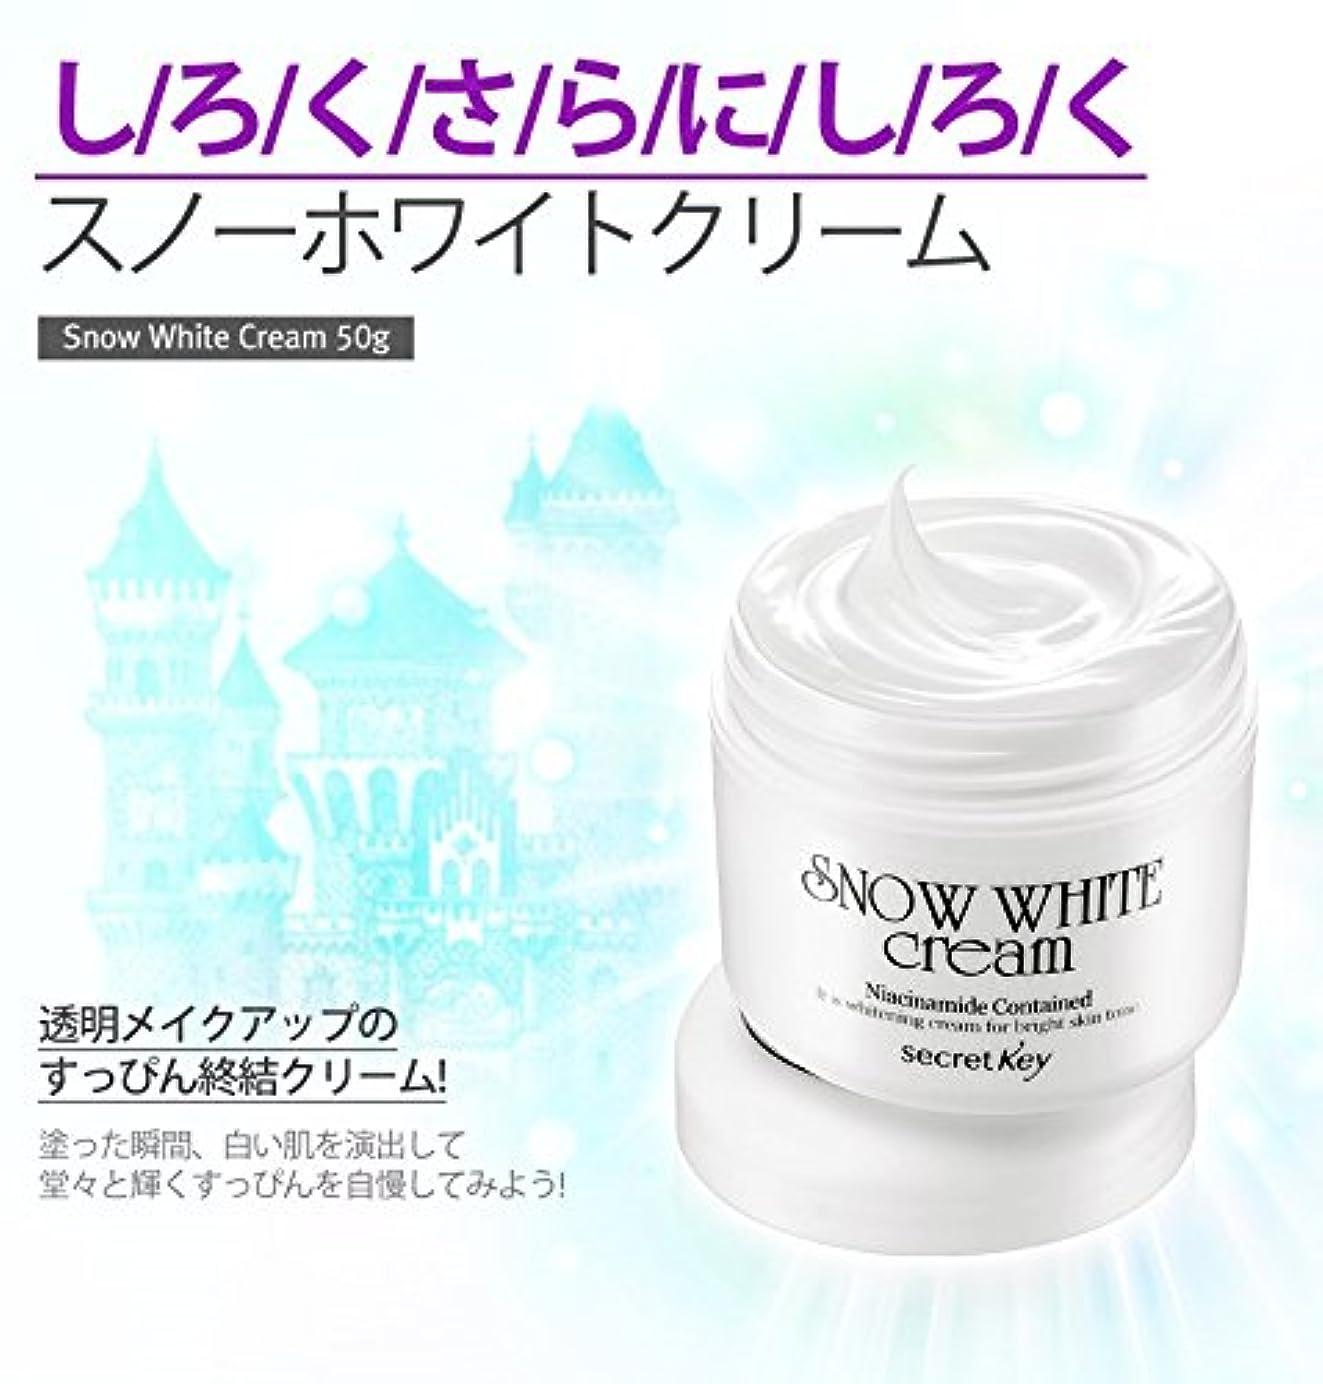 深さ突撃インキュバスSecret key シークレッドキー スノー?ホワイト?ミルキー?パック 200g (Snow White Milky Pack)/シークレットキー スノーホワイト クリーム(Snow White Cream 50g)...